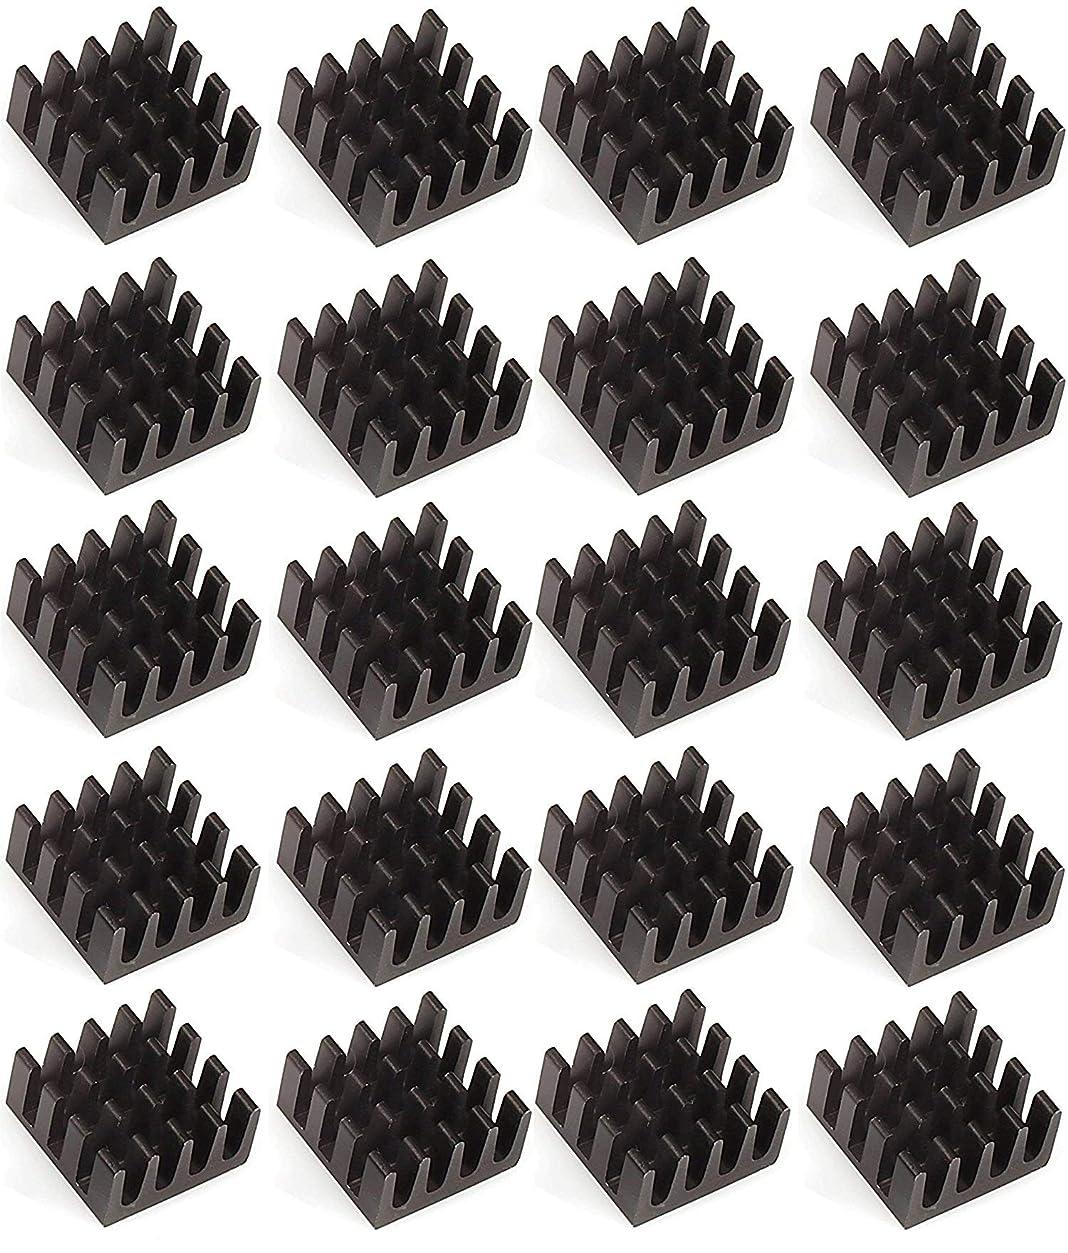 虫を数えるがっかりした積分Easycargo ヒートシンク 14x14x7mm ブラック アルマイト熱シンク 冷却クーラー GPUチップ VRAM VGA VRAM RAM RAM RAM (14mmx14mmx7mm) 20個